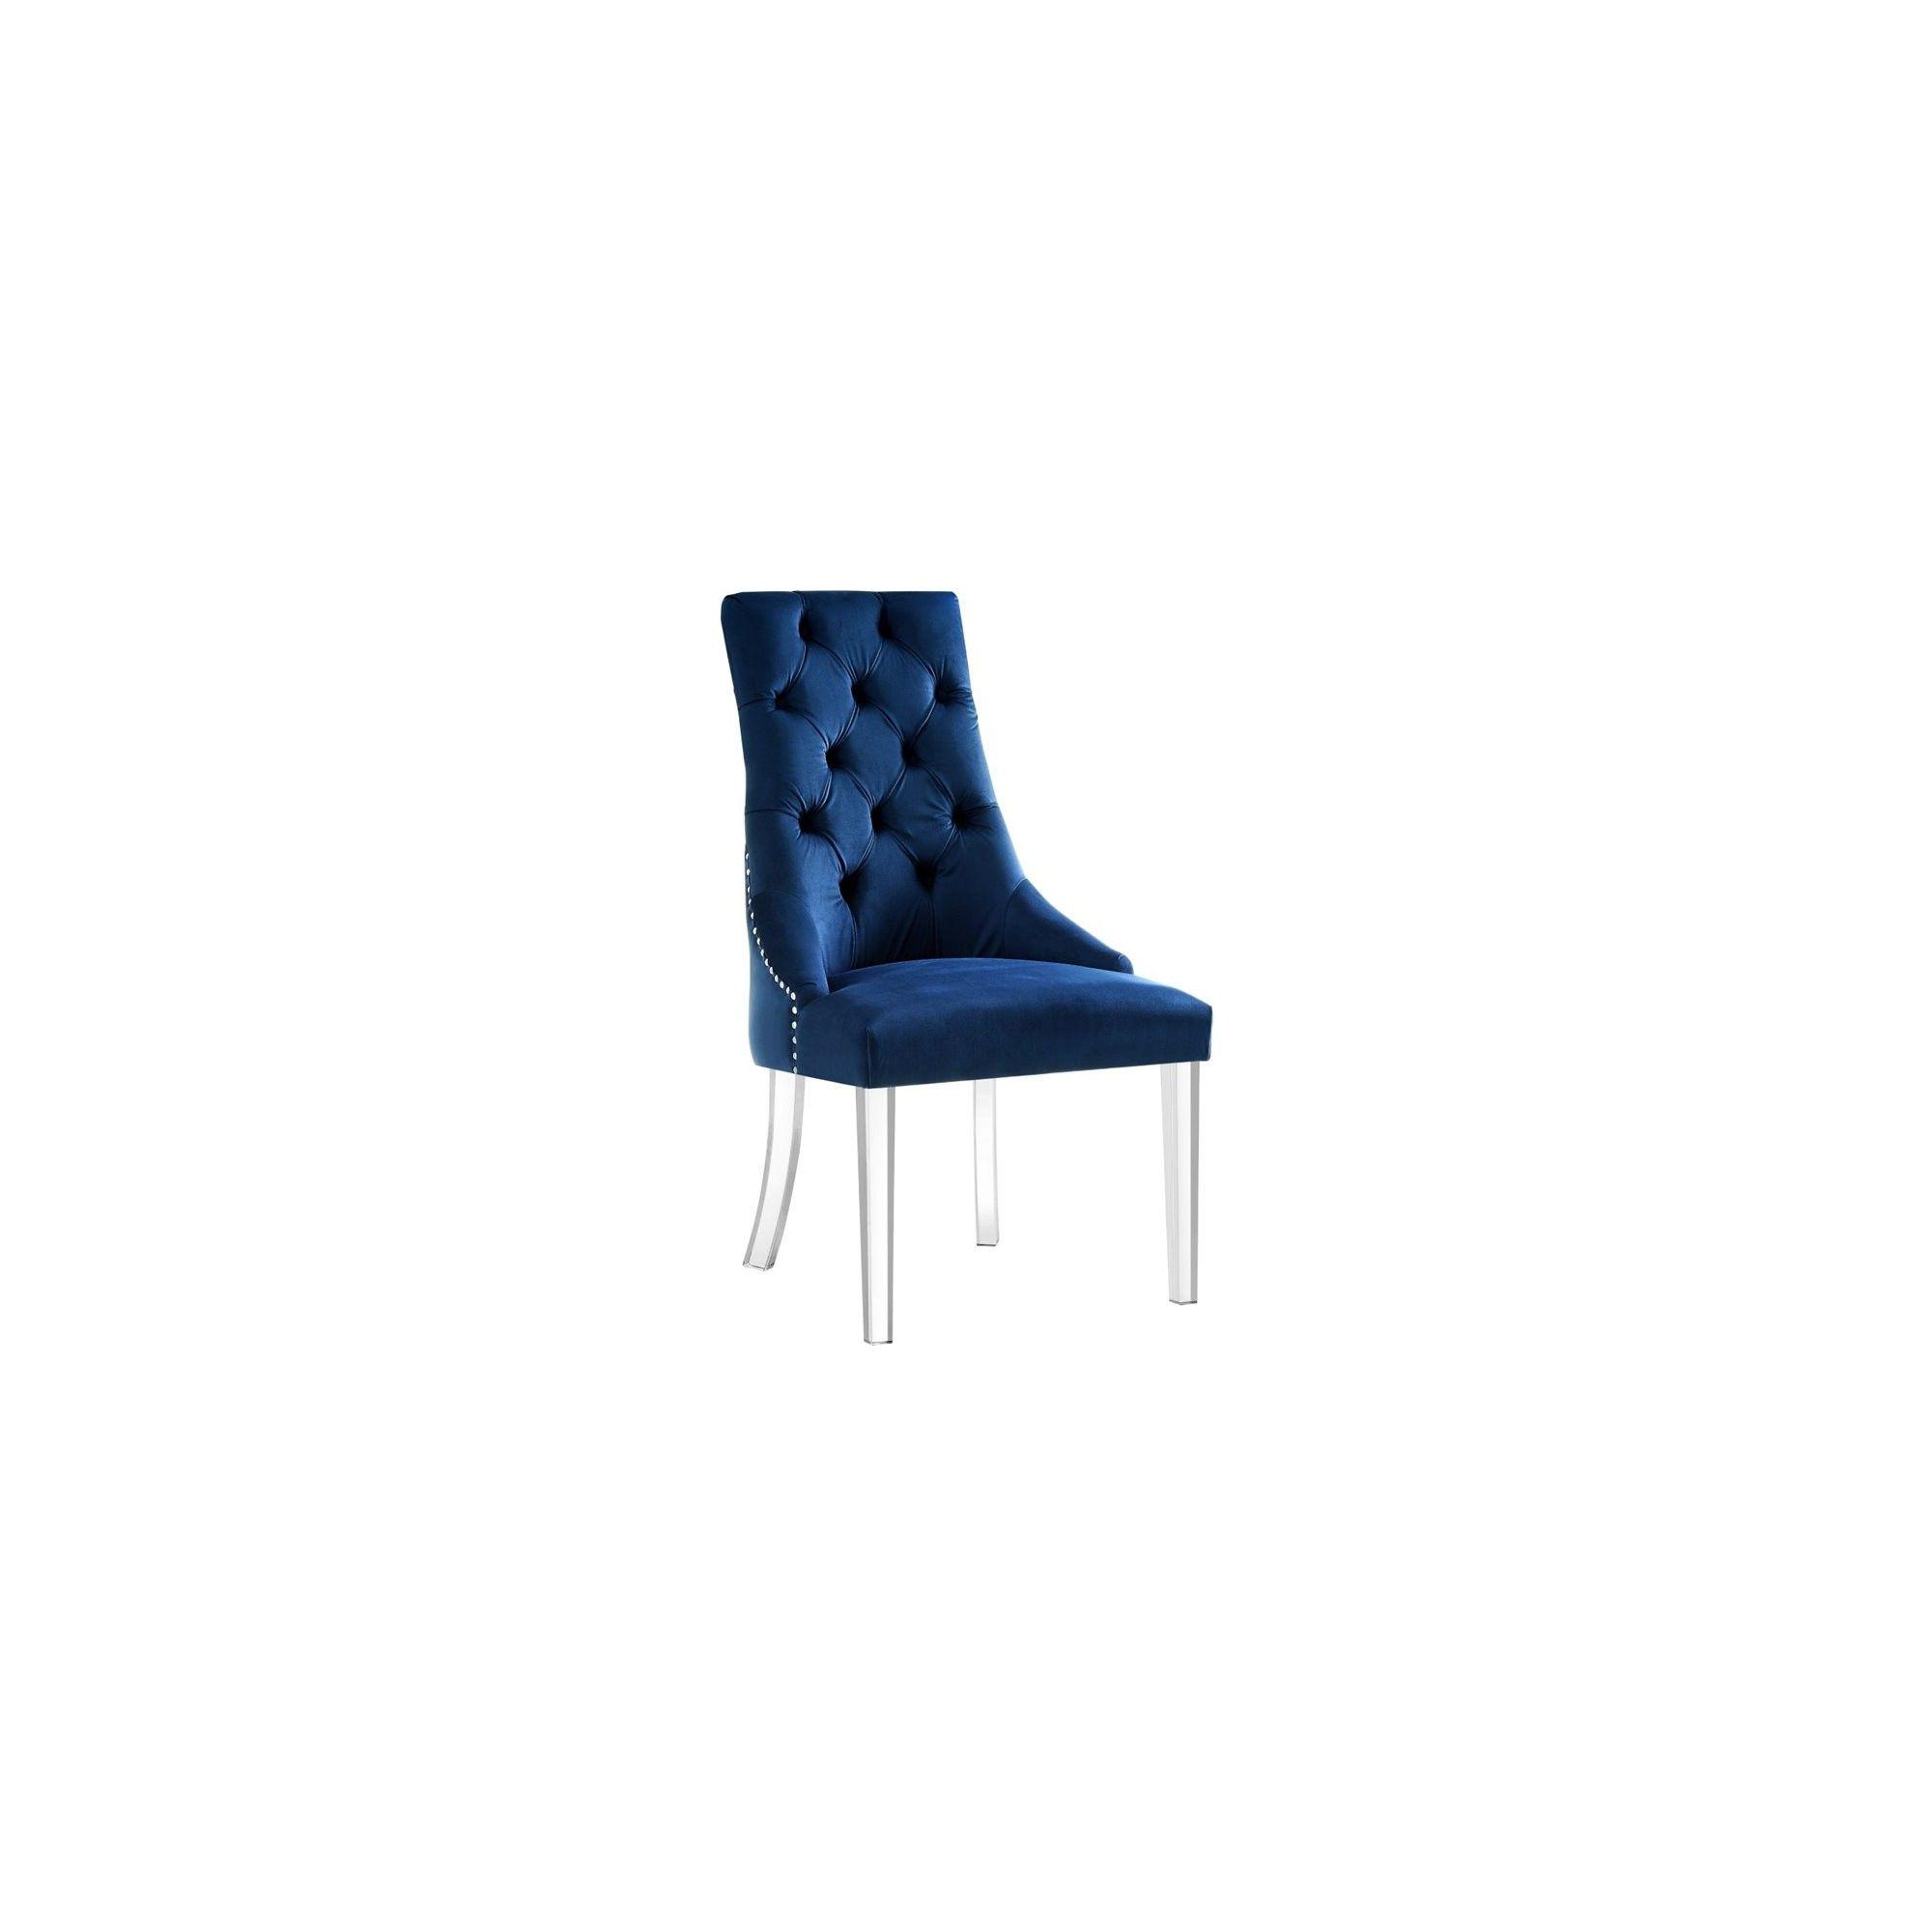 Colton blue velvet dining chair set of 2 armless